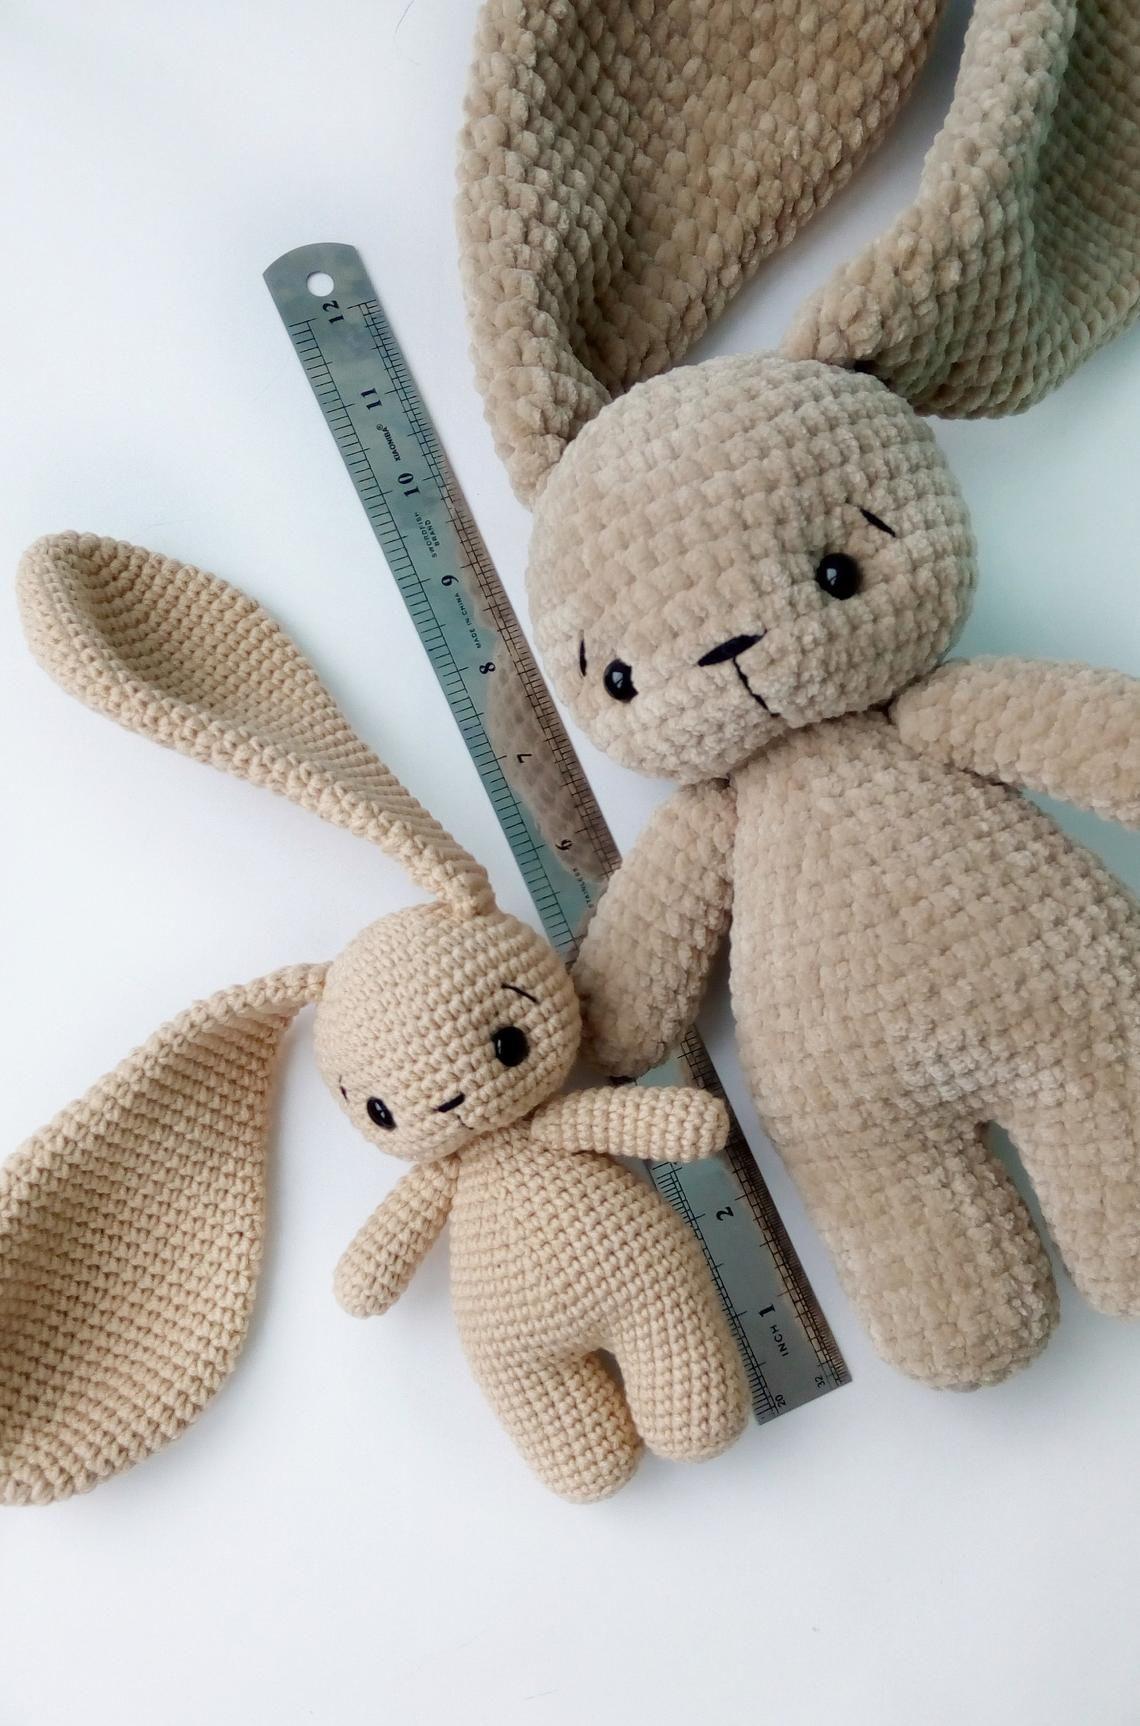 Free Crochet Patterns | Free Crochet Pattern Easter Bunny • Free ... | 1726x1140